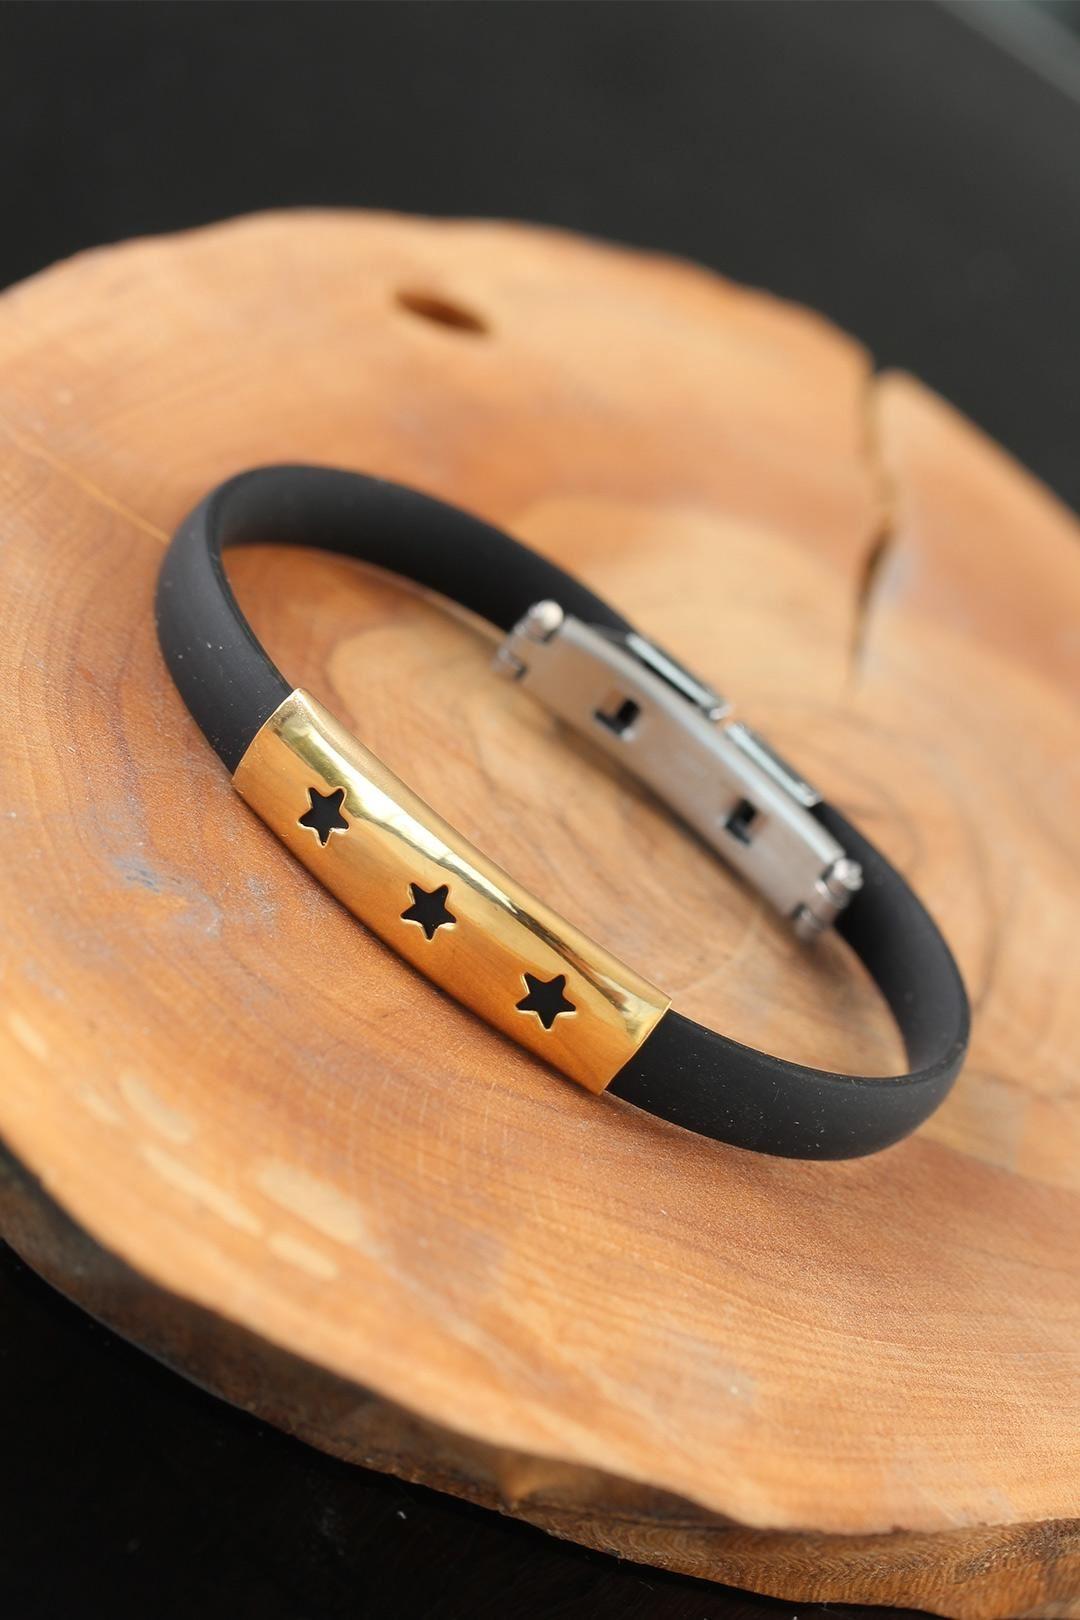 Gold Renk Metal Yıldızlı Tasarım Siyah Renk Silikon Erkek Bileklik